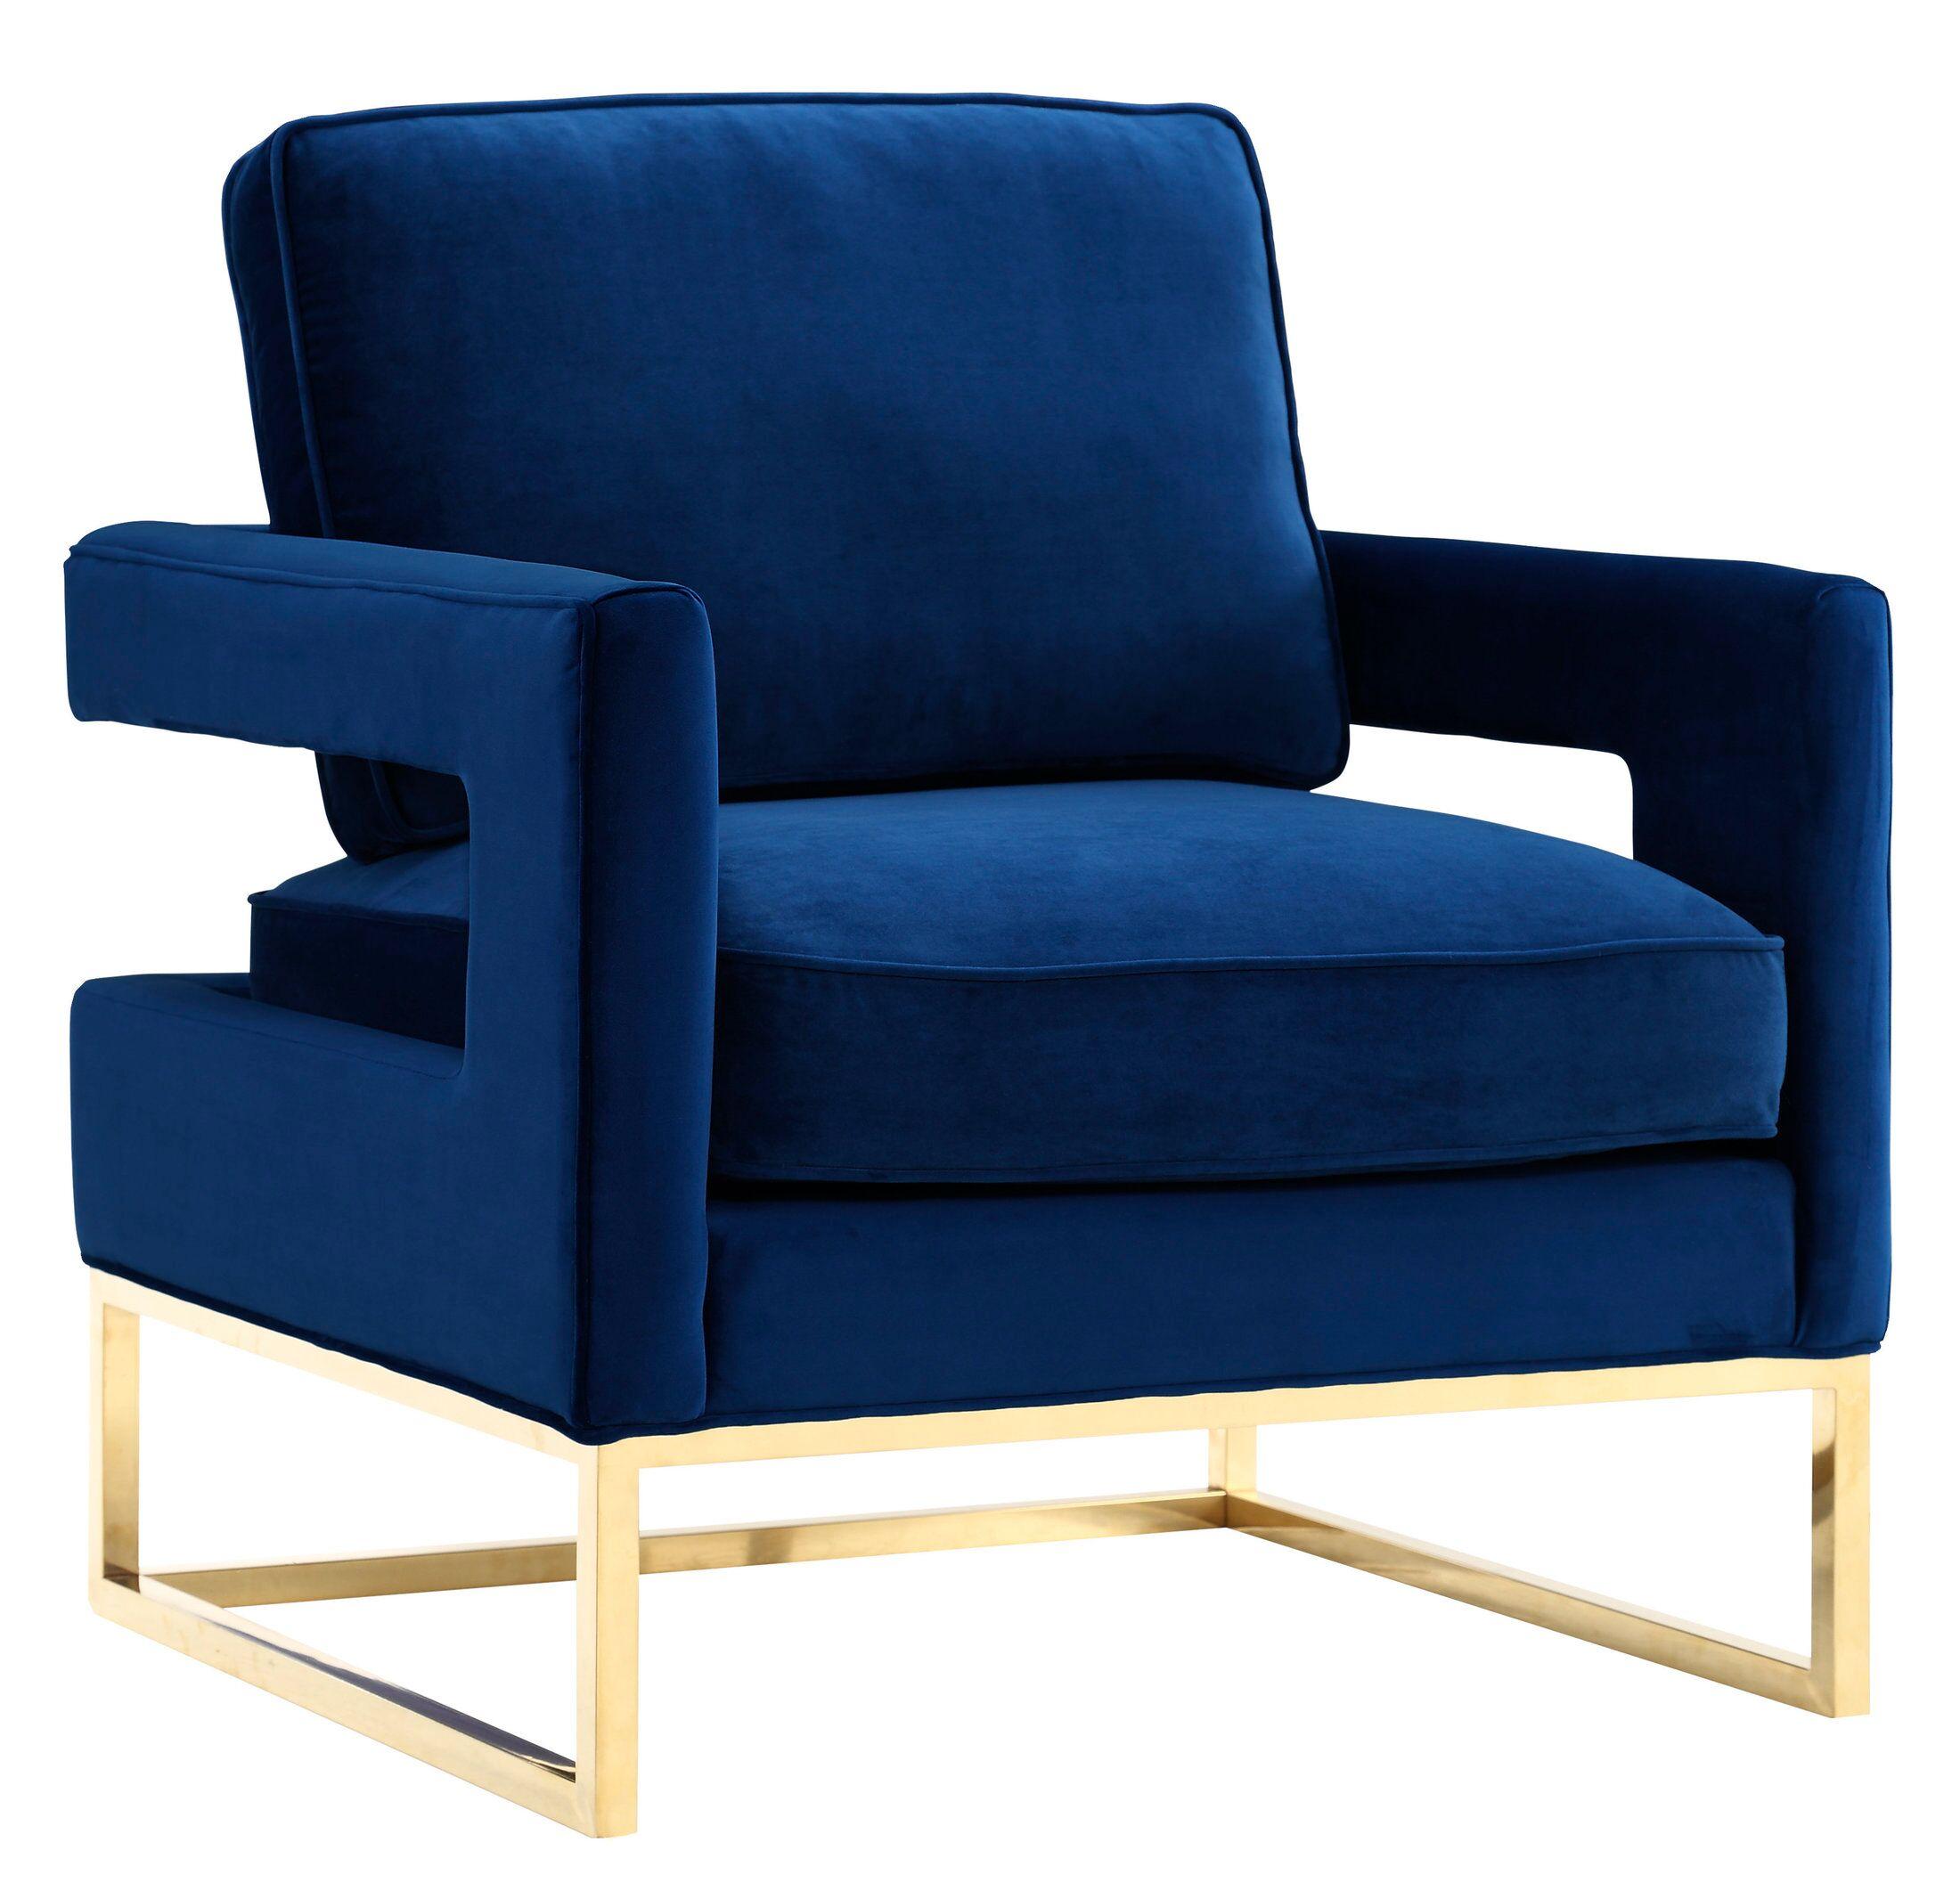 TOV-A91-avery  blue velvet chair